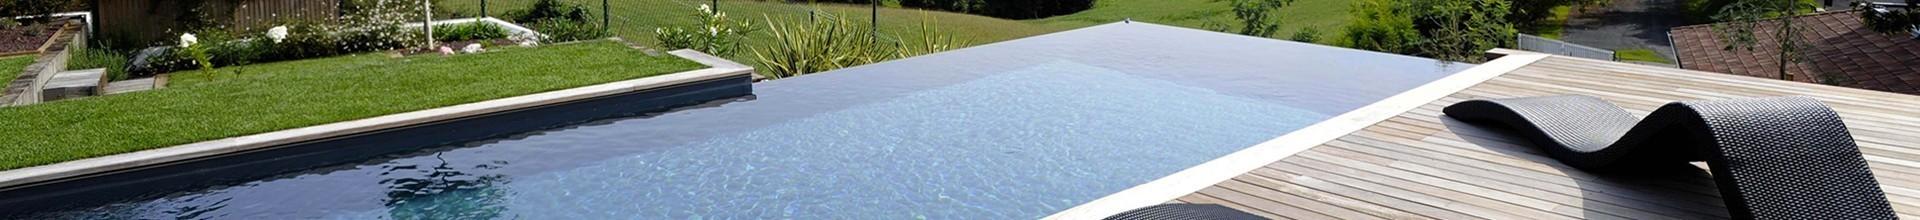 Direct usine, piscine coque prix Montreux